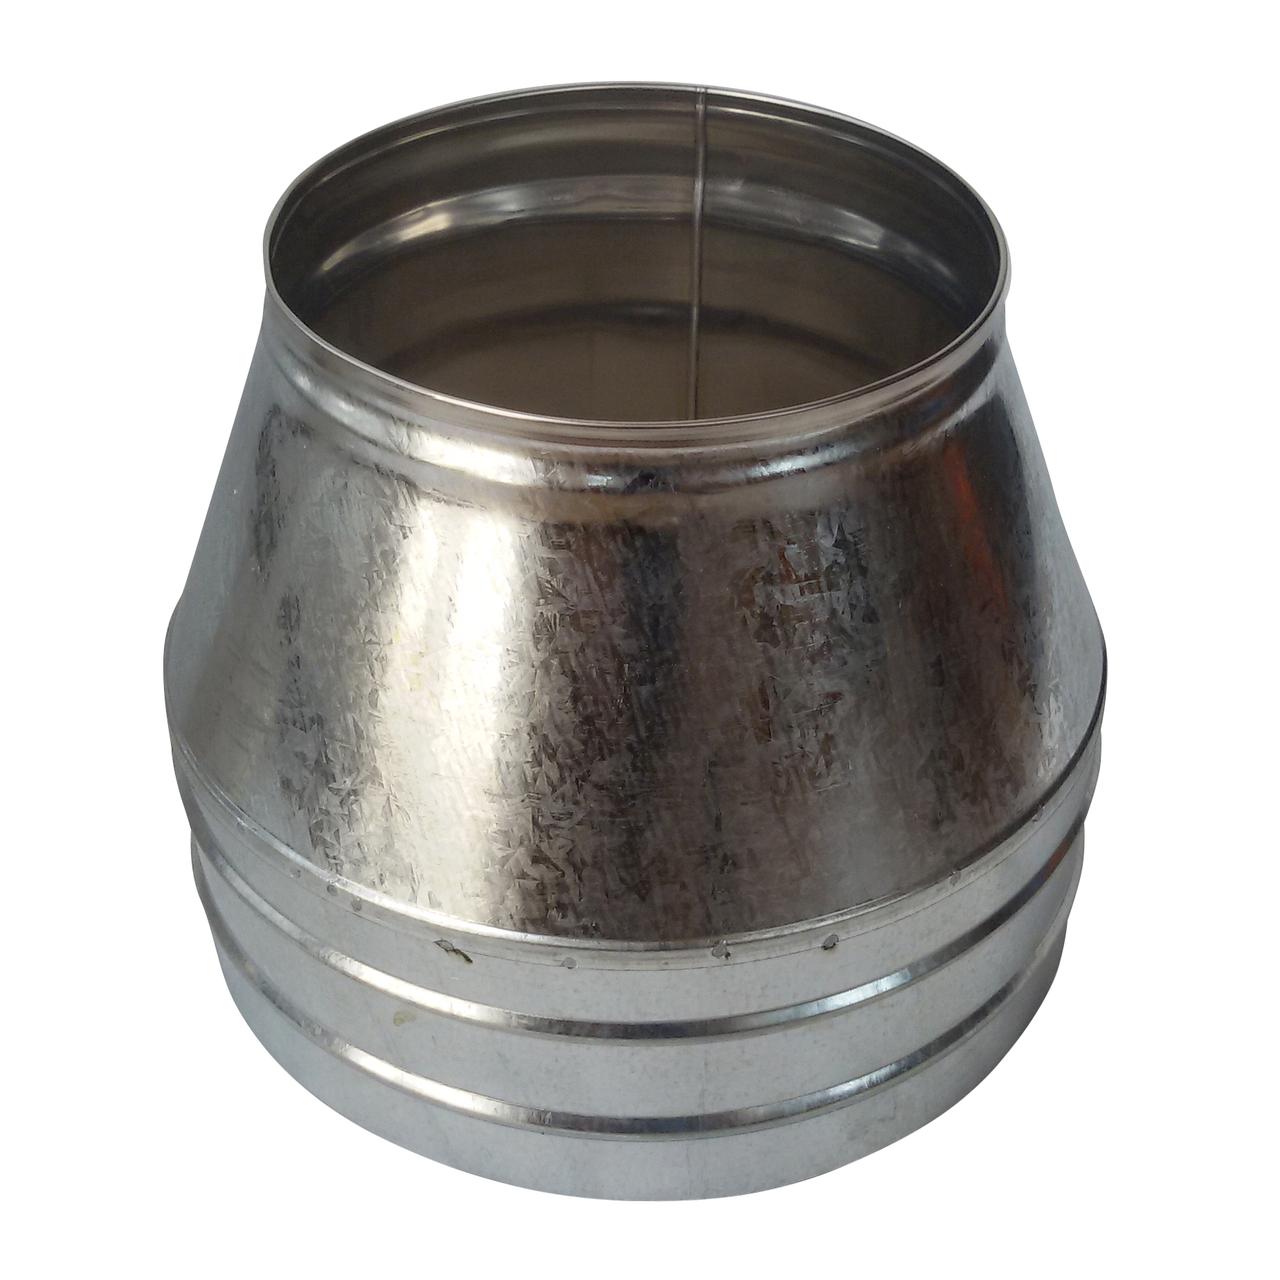 Конус-сэндвич ø110 мм 0,5 мм AISI 304 нержавейка/оцинковка для дымохода дымоходный вентиляции Версия-Люкс